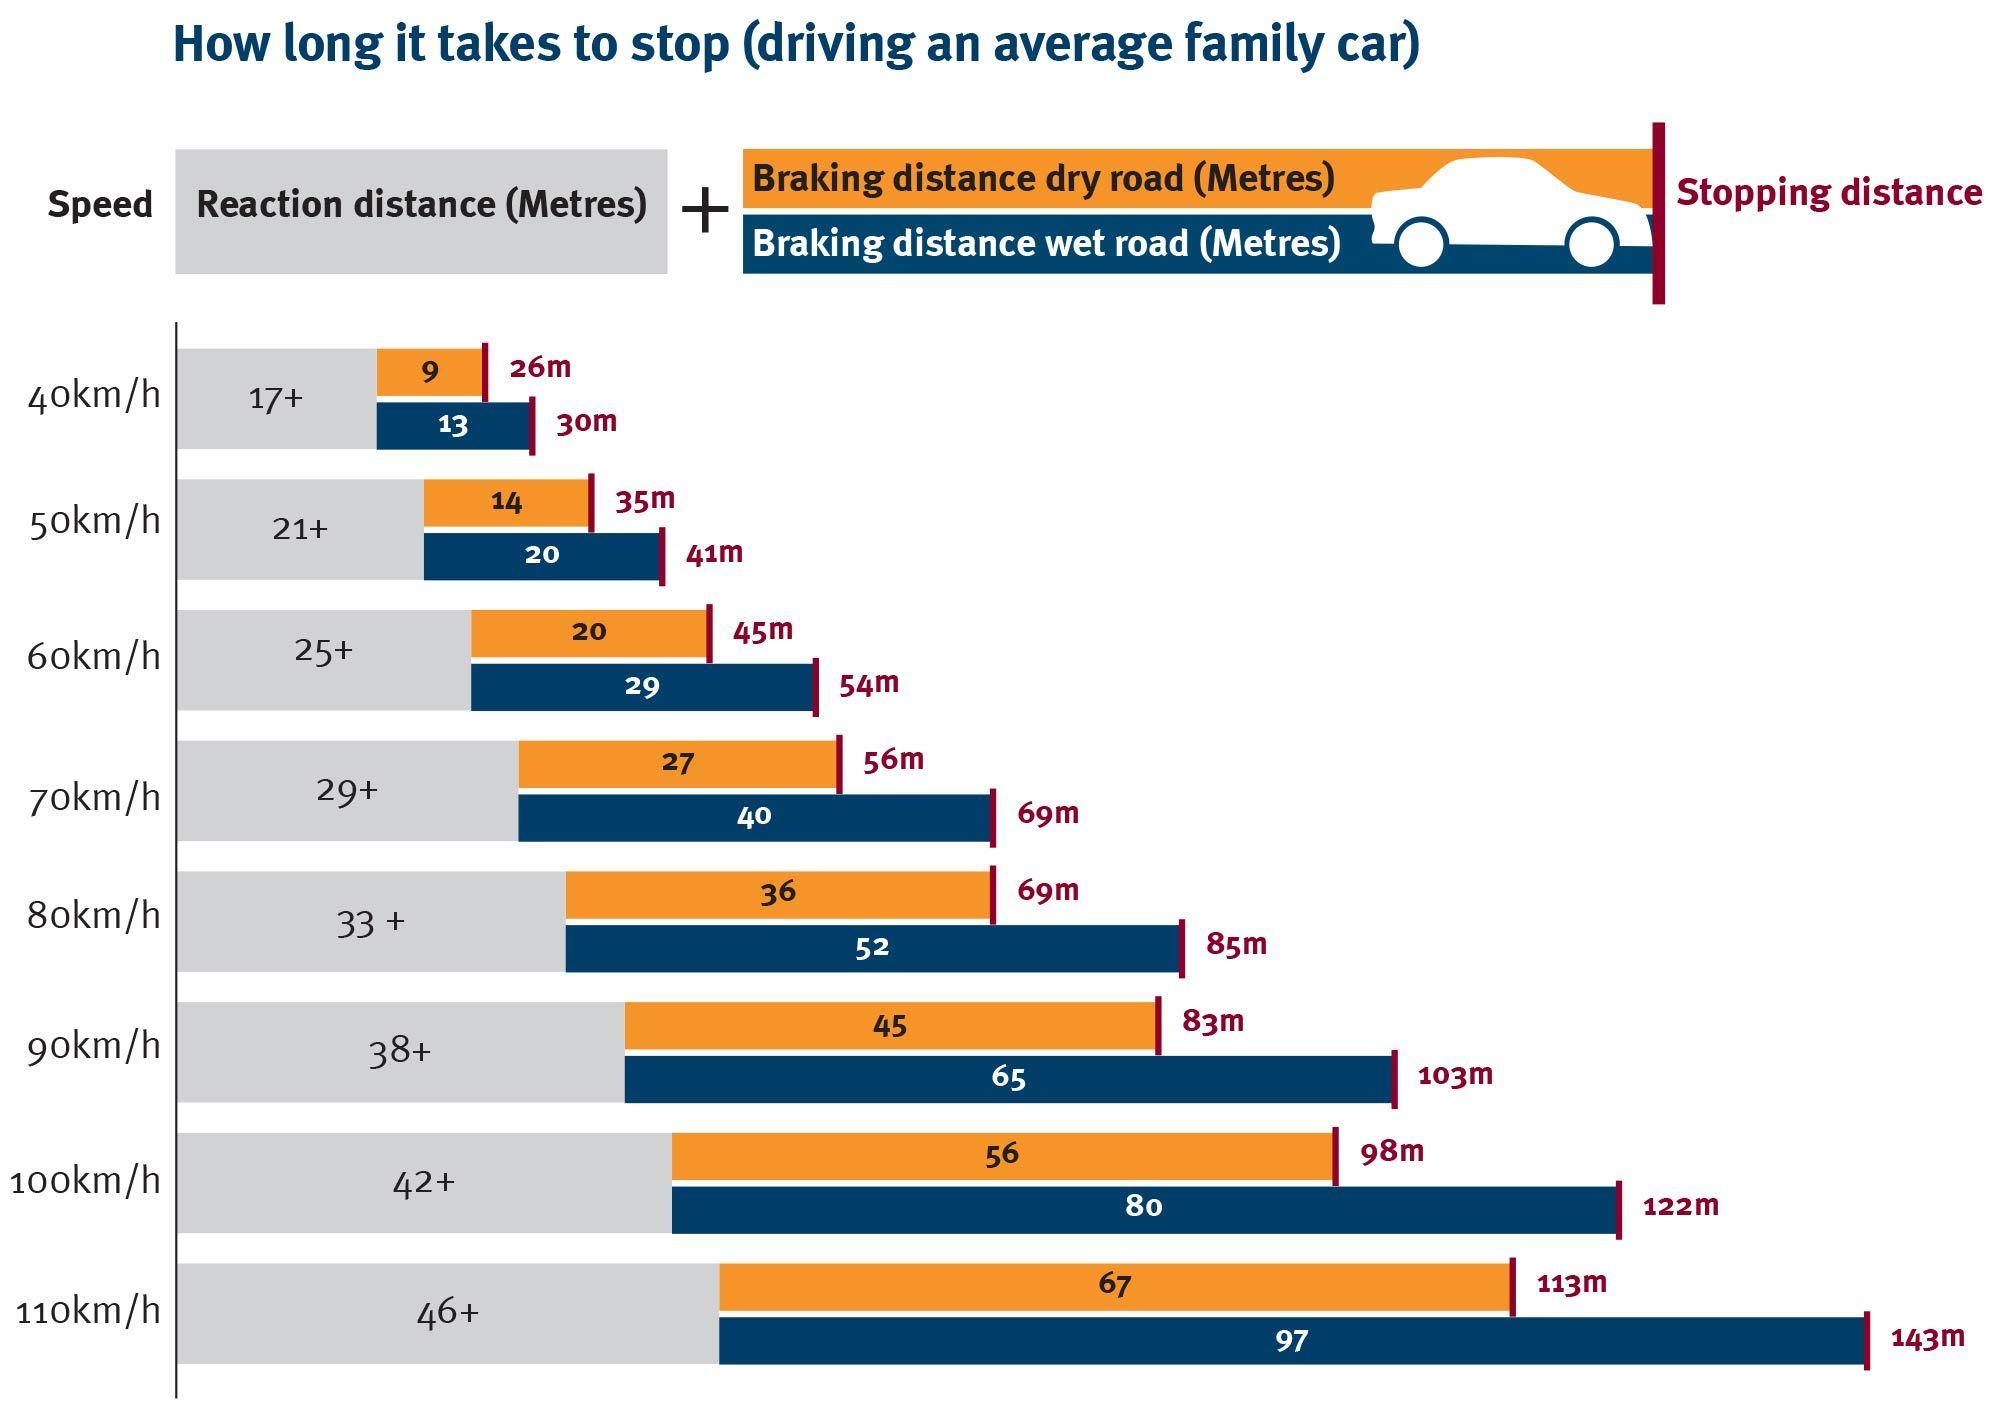 tai nạn trên cao tốc,cao tốc Pháp Vân- Cầu Giẽ,Ủy ban An toàn giao thông quốc gia,TS Trần Hữu Minh